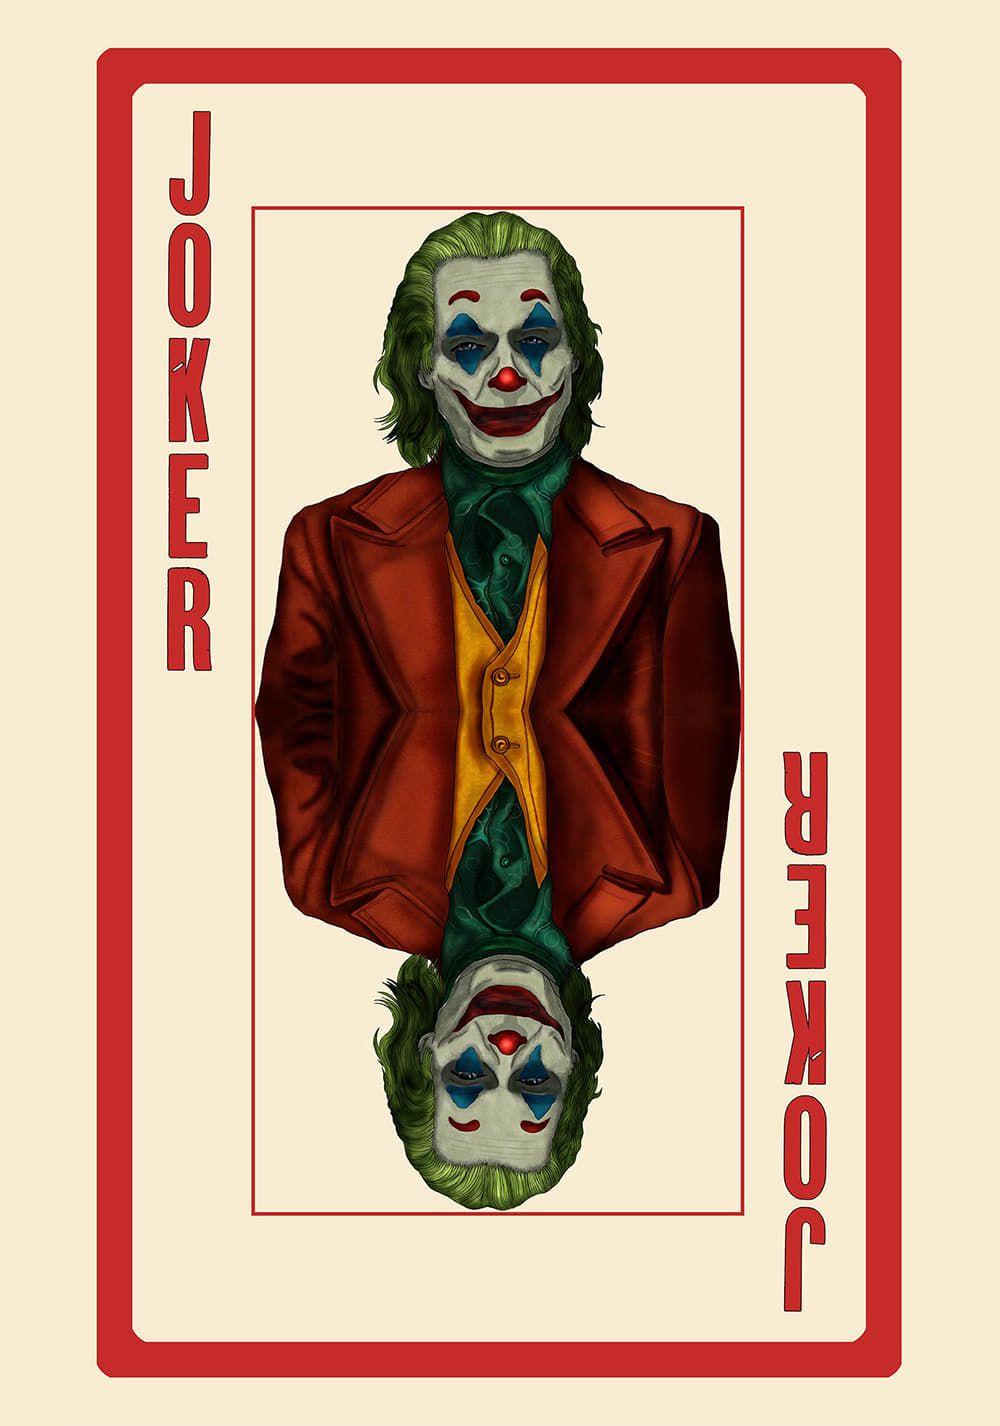 Ver Pelicula Completa De Joker 2019 Peliculas En Español Joker Fotos Del Joker